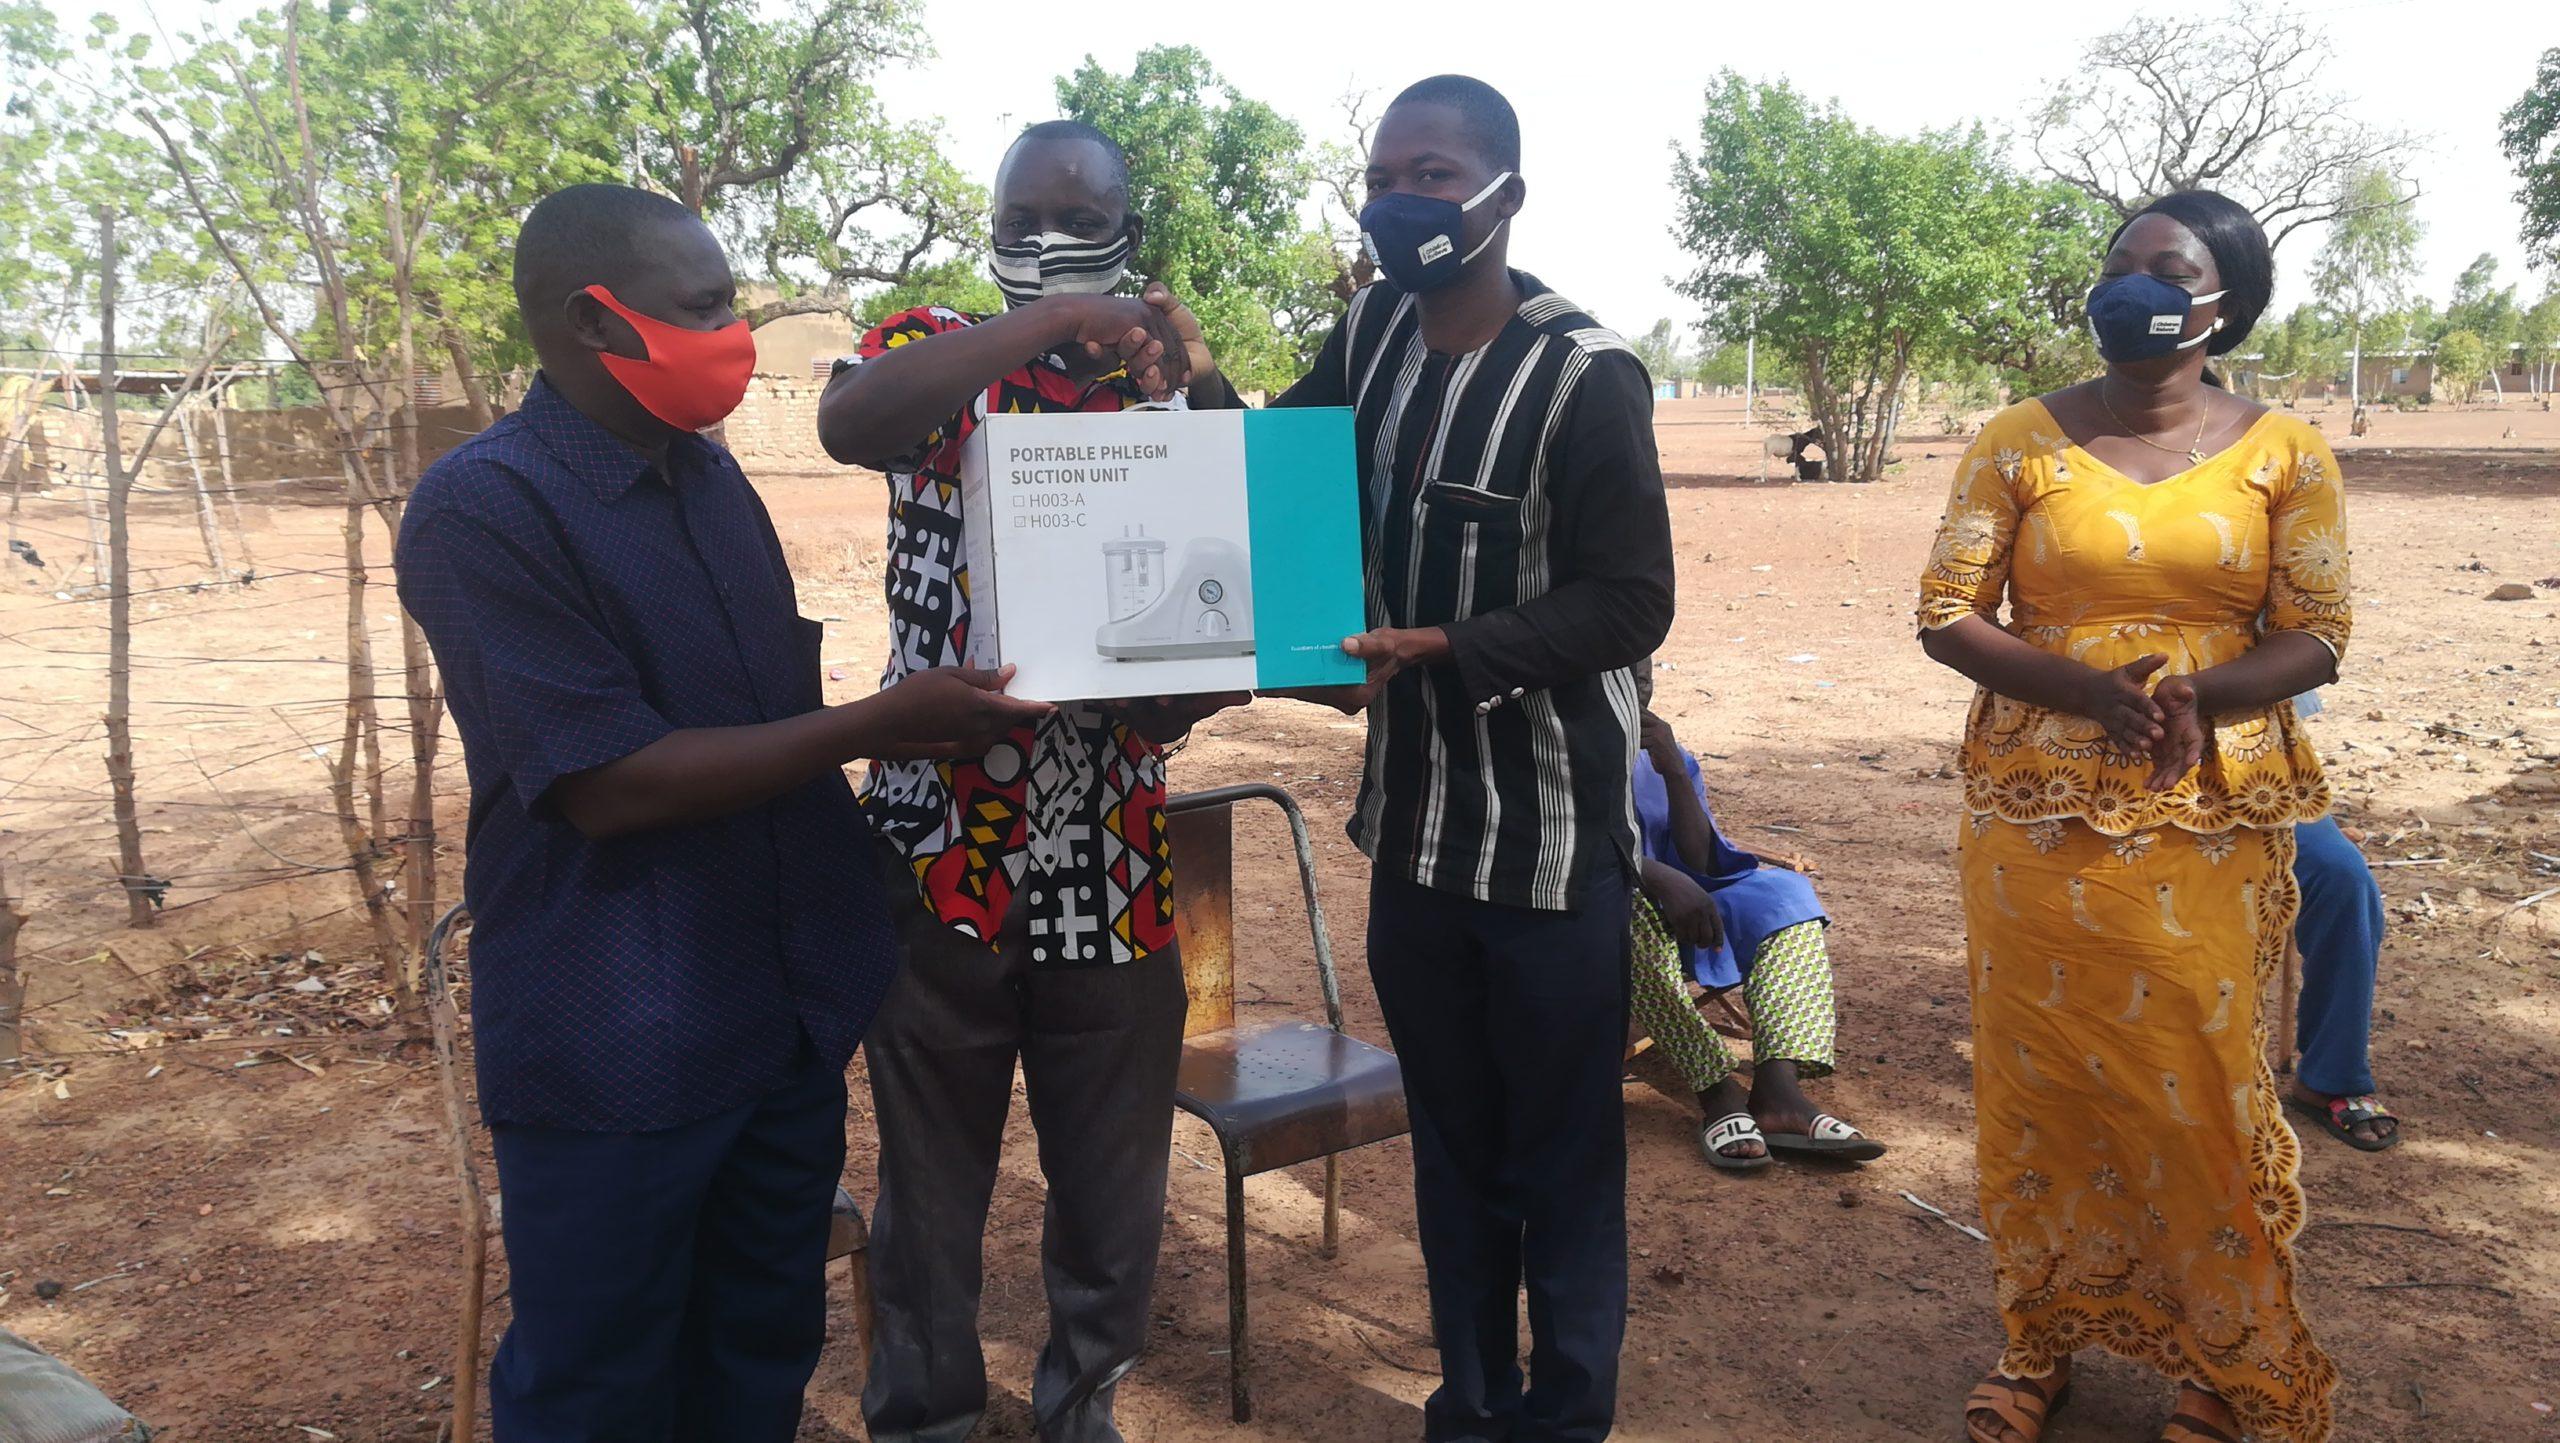 Decazeville. Aventure familiale et projet humanitaire au Burkina Faso